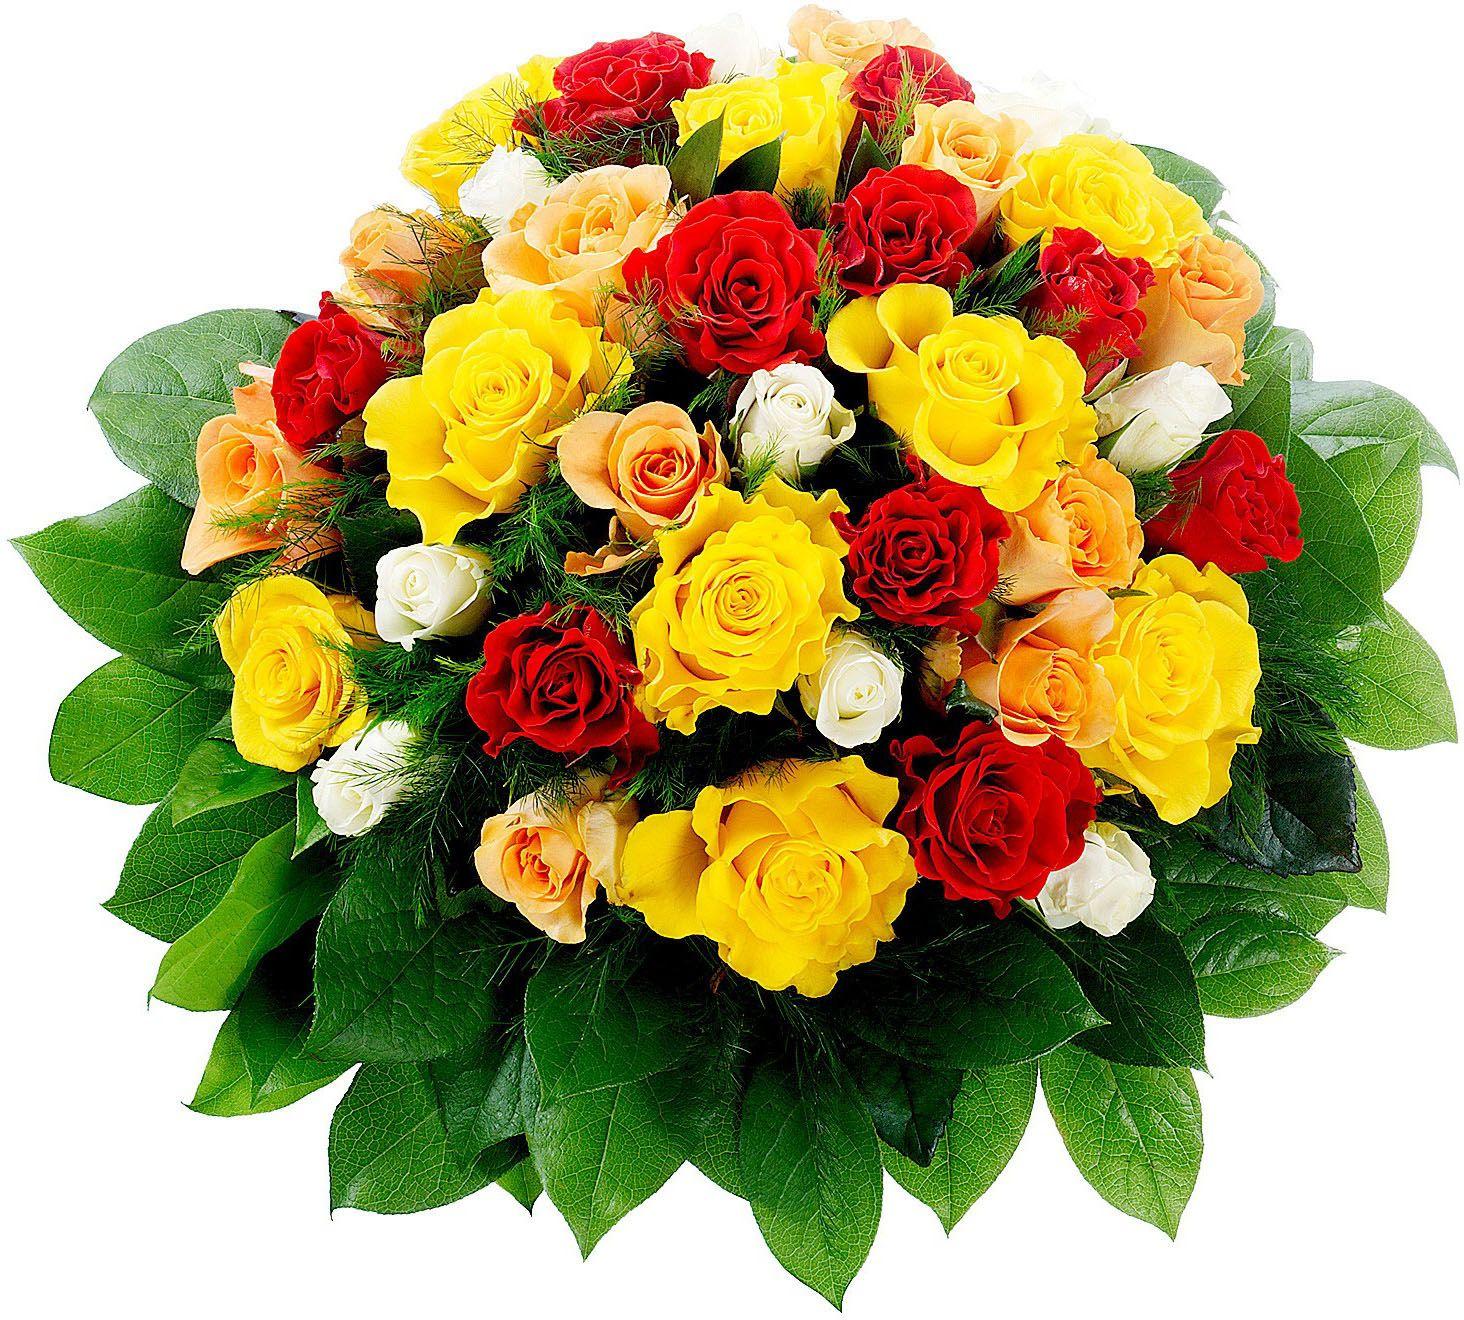 bouquet_15.jpg